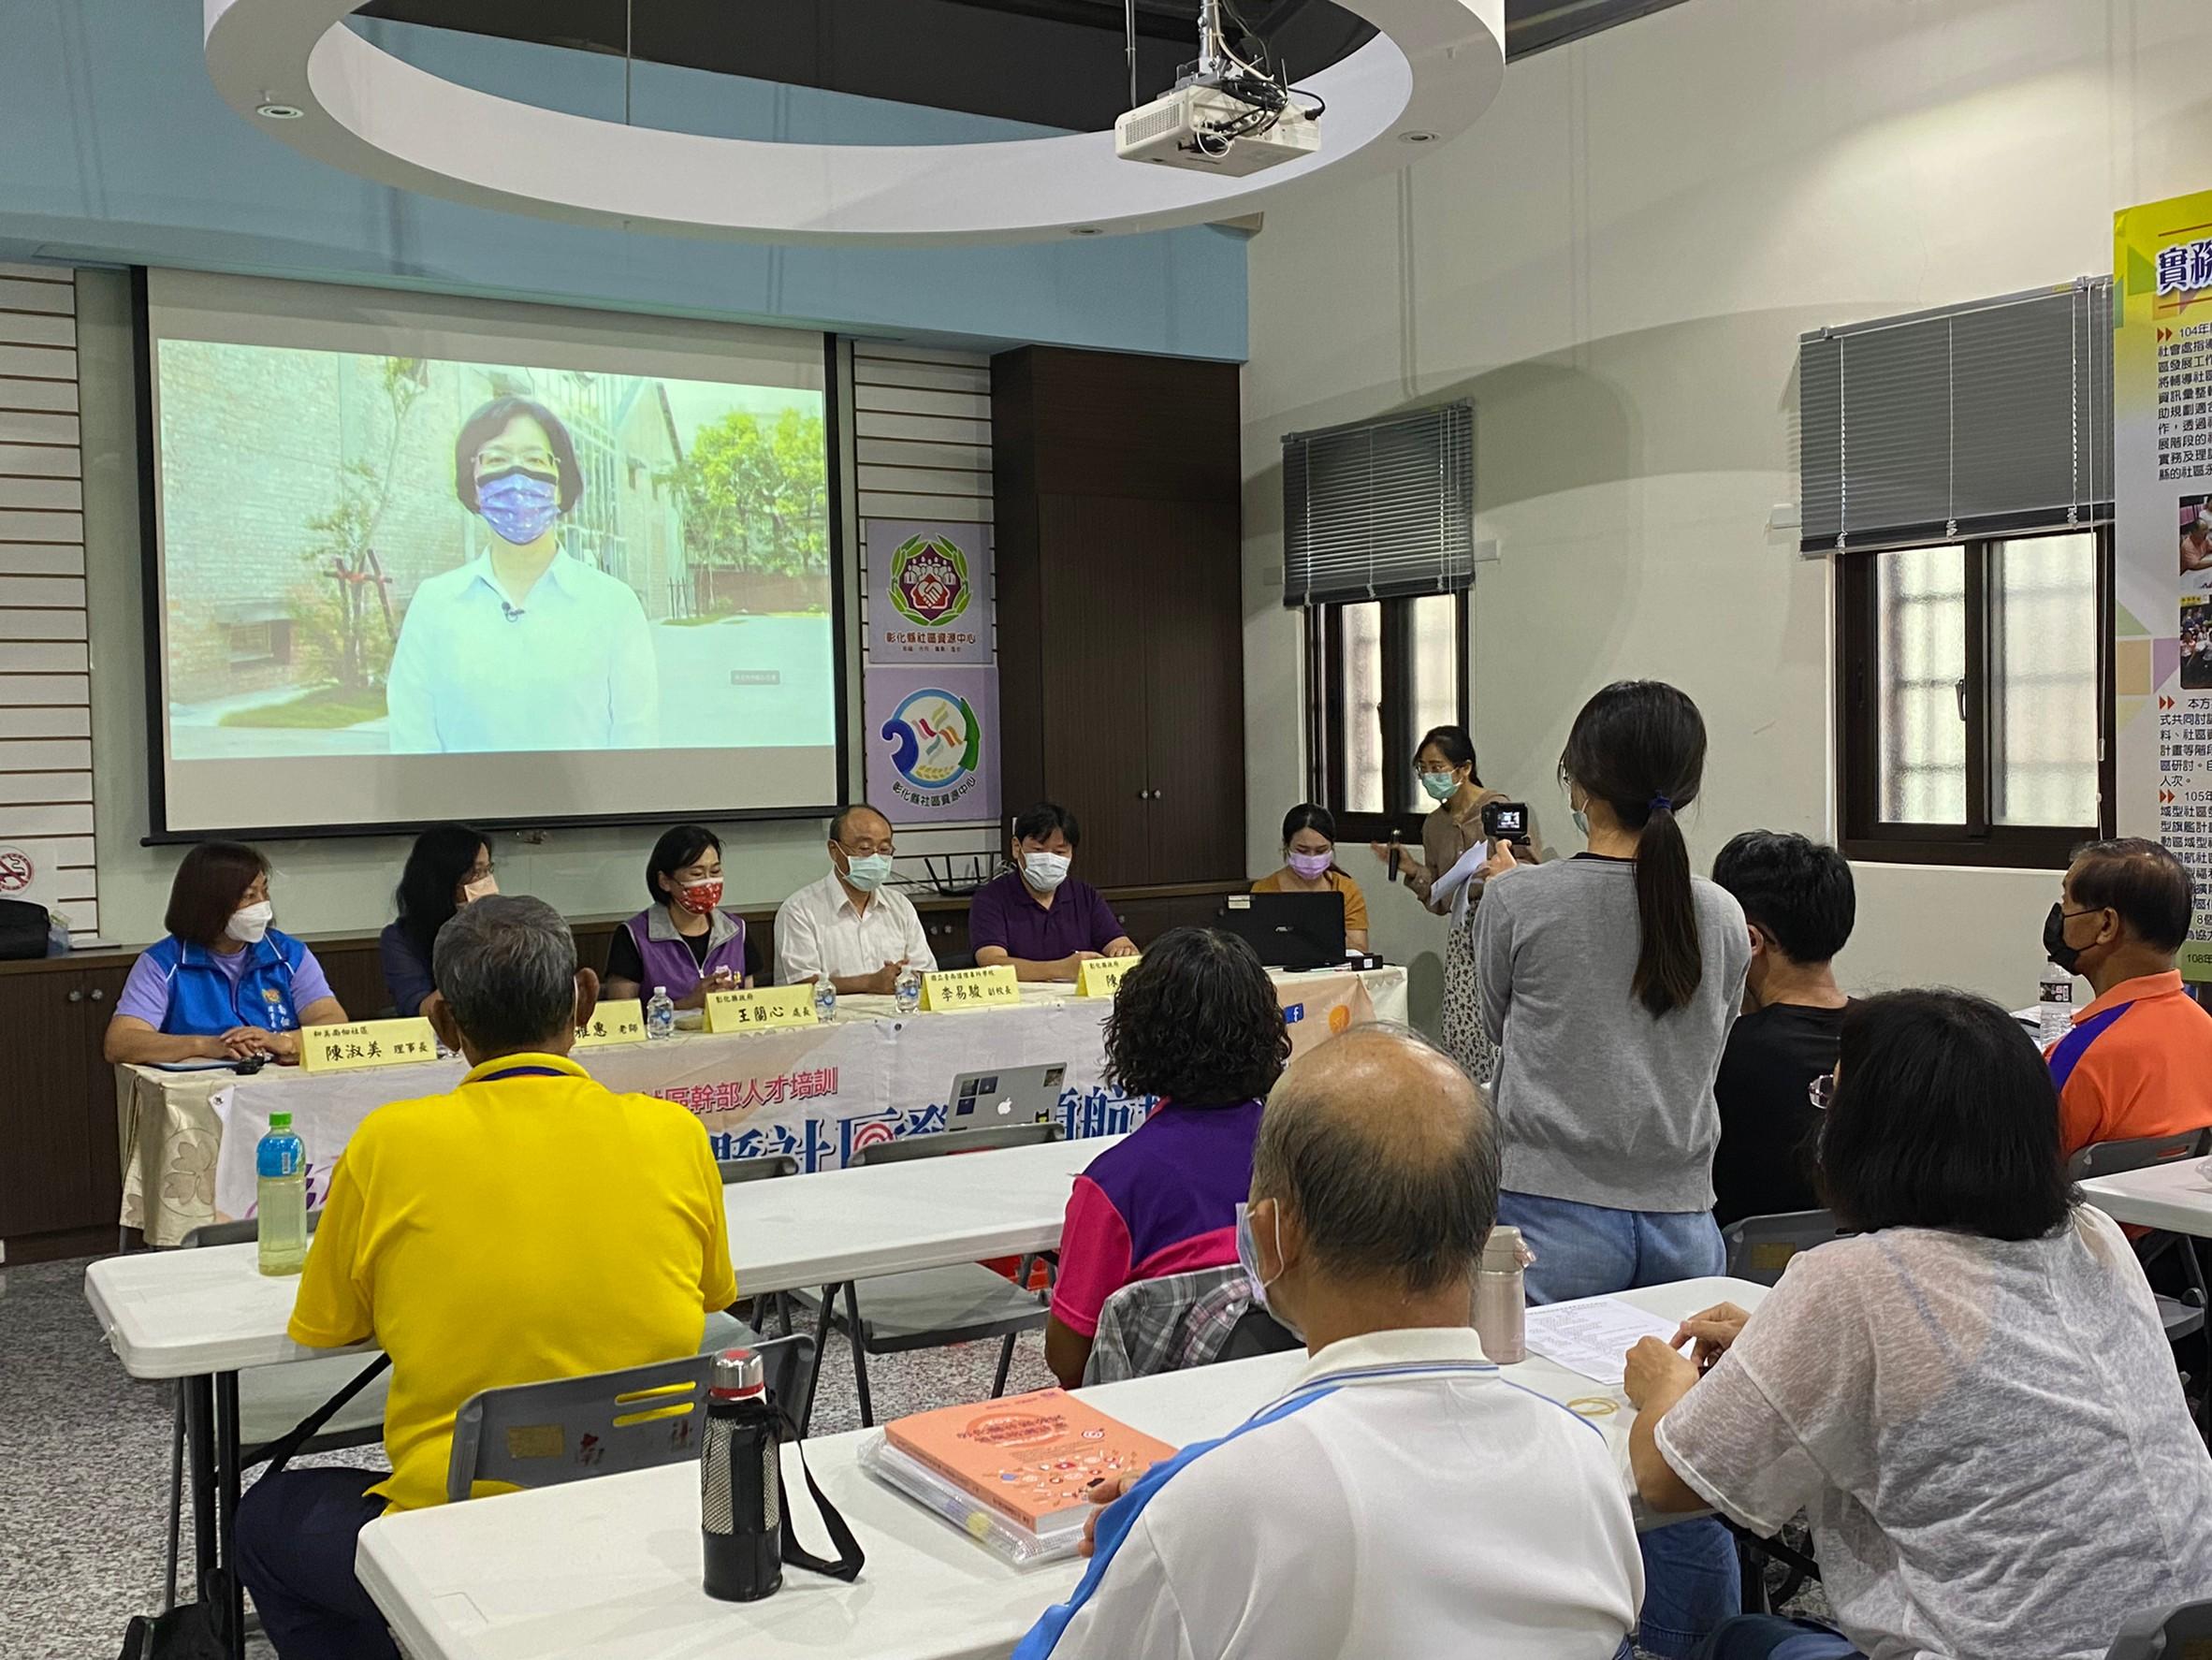 彰化縣社區發展領航培訓結業囉!全國首創以實體結合視訊完成76小時社區幹部課程訓練